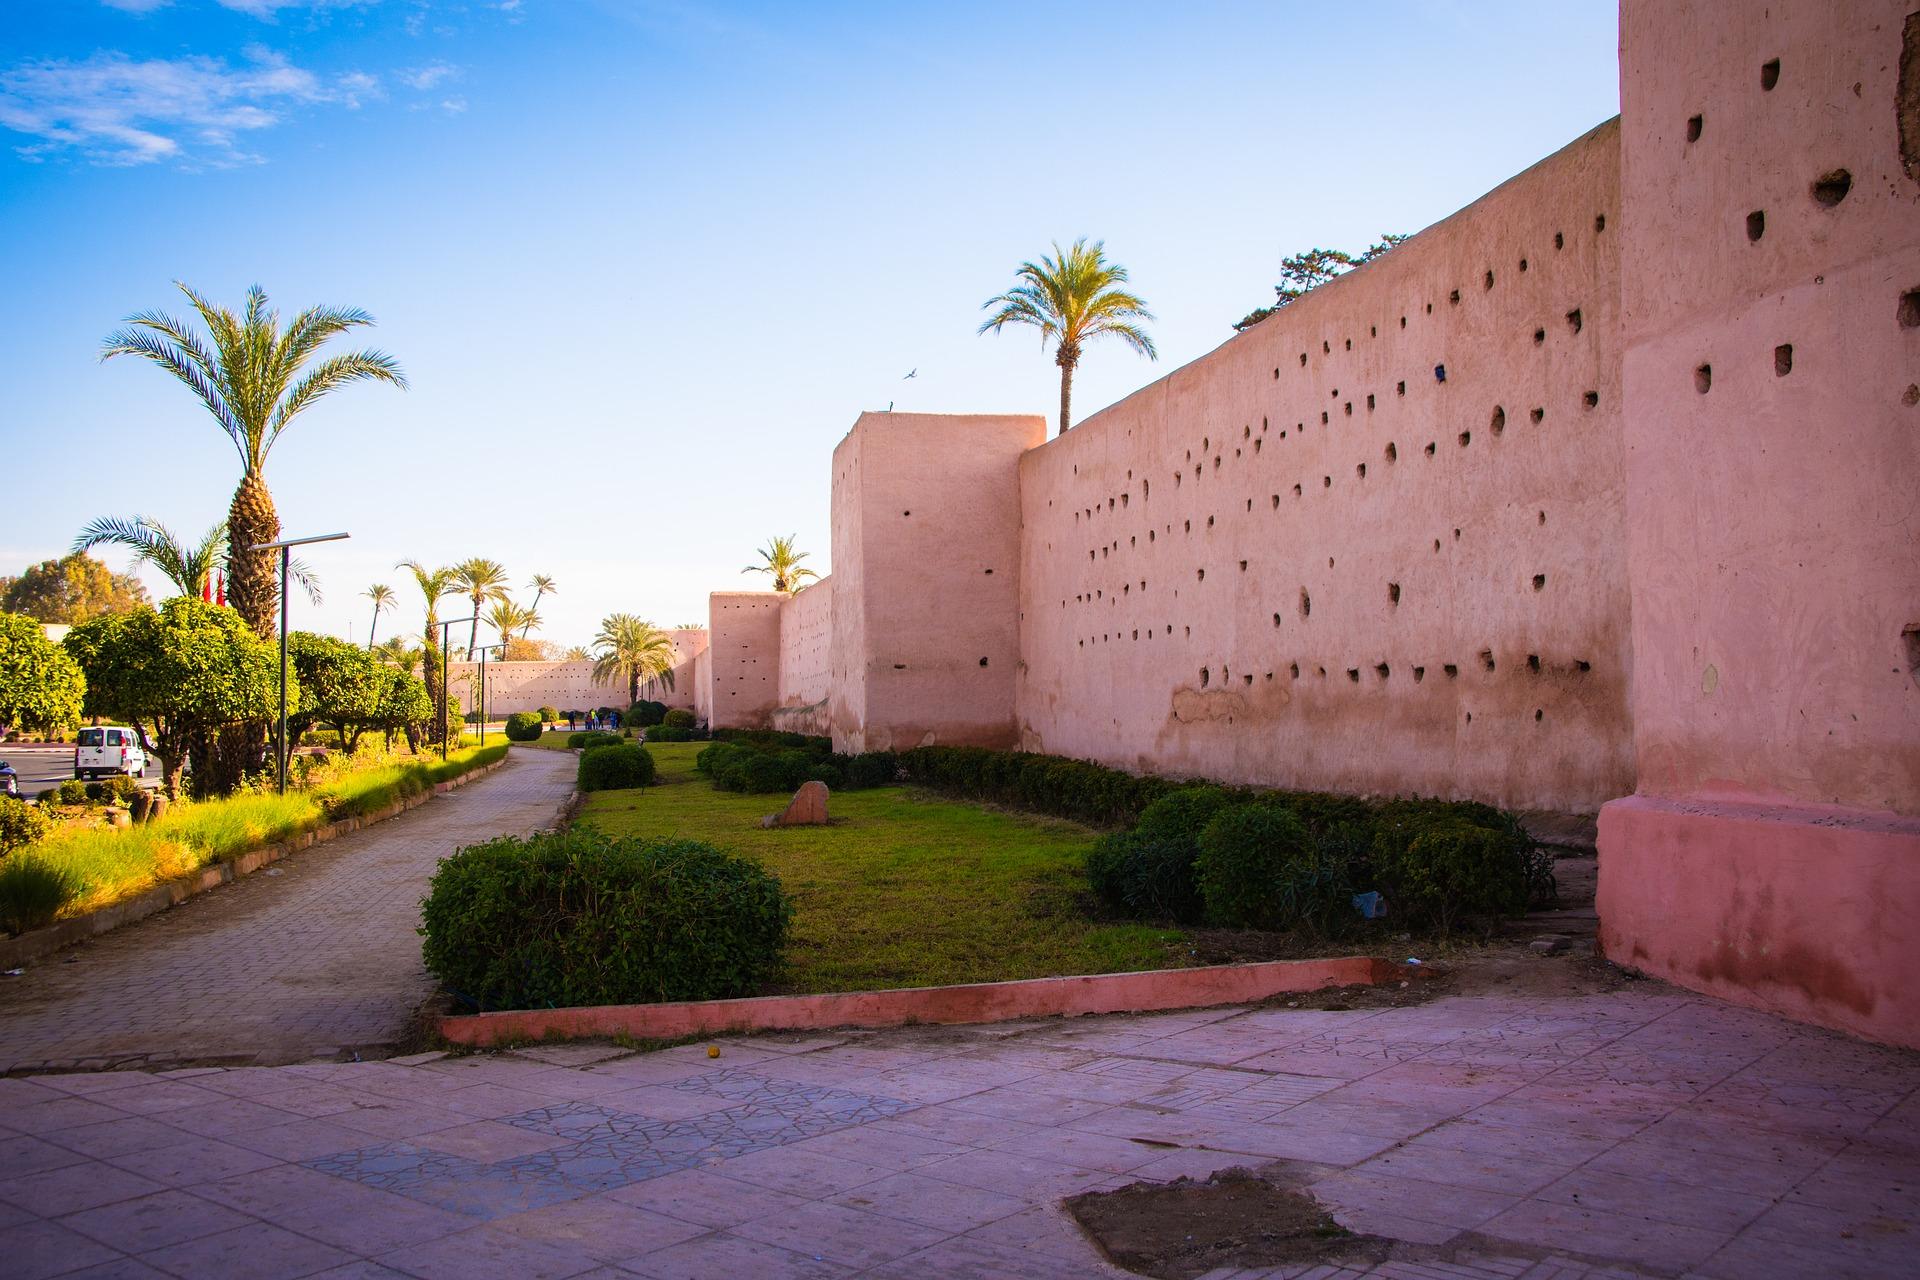 Städtereise nach Marrakesch - Die Stadtmauern von Marrakesch